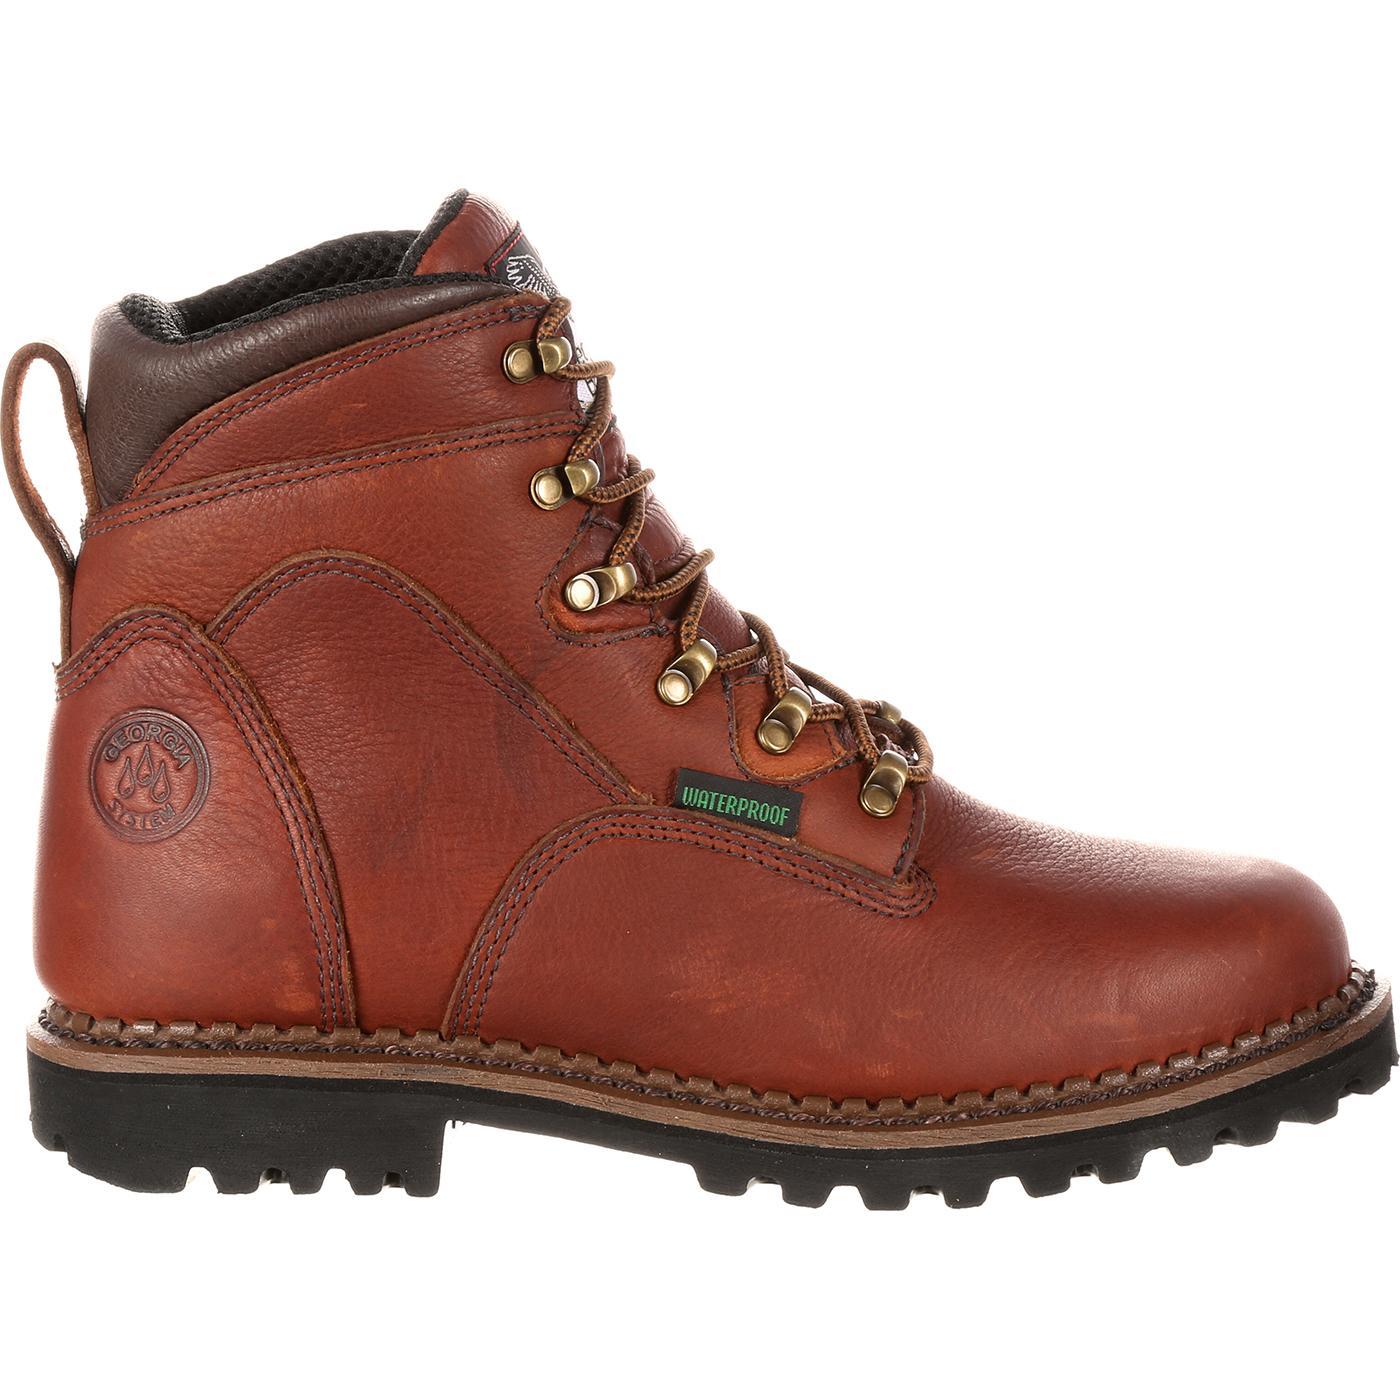 Georgia Boot Homeland Men's ... 6-in. Waterproof Work Boots D1Uy69Gbfc